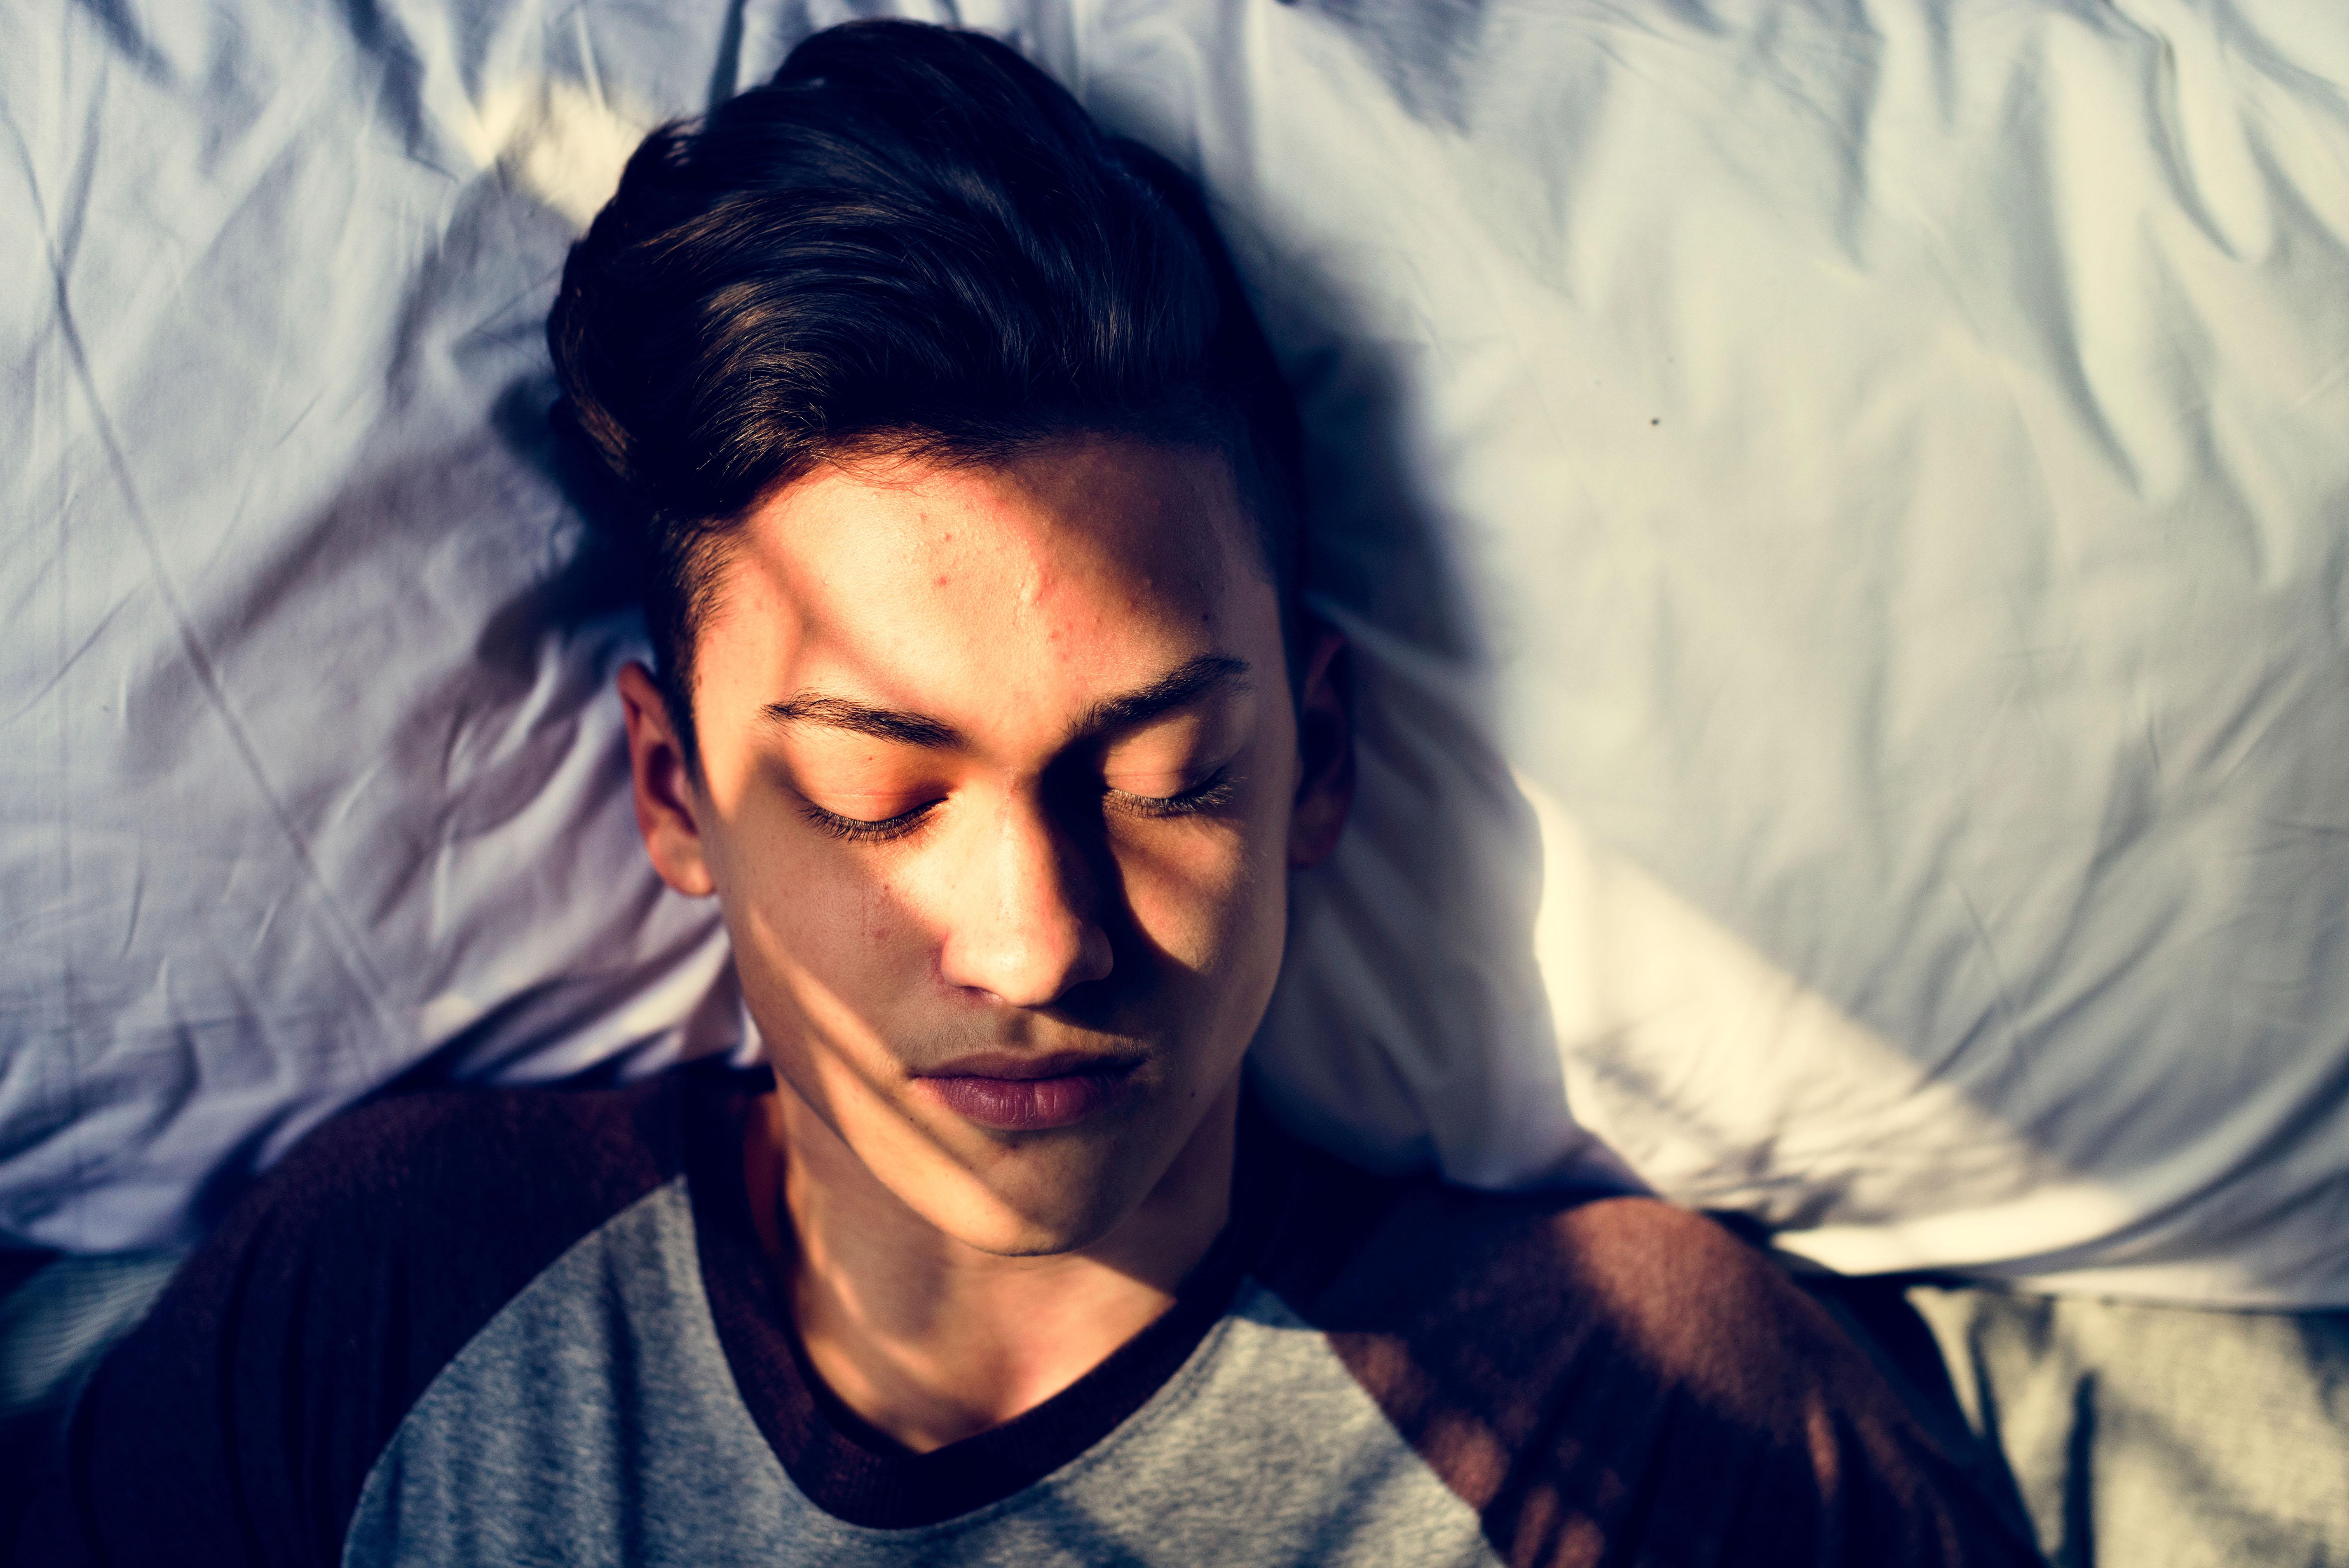 Pôr o sono em dia é simplesmente impossível